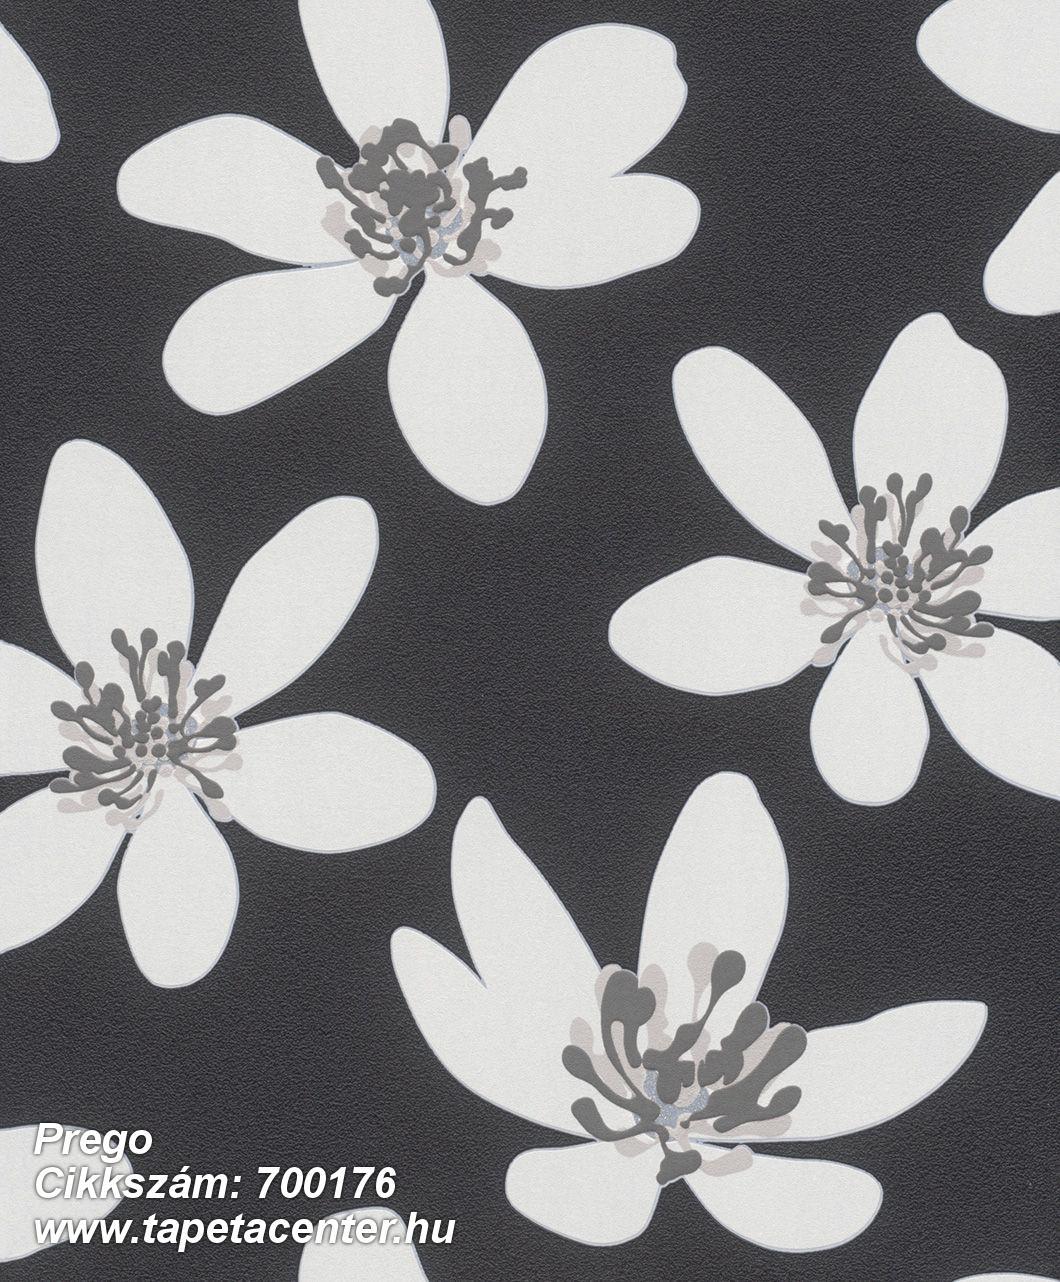 Különleges felületű,retro,virágmintás,bézs-drapp,fehér,fekete,szürke,lemosható,vlies tapéta